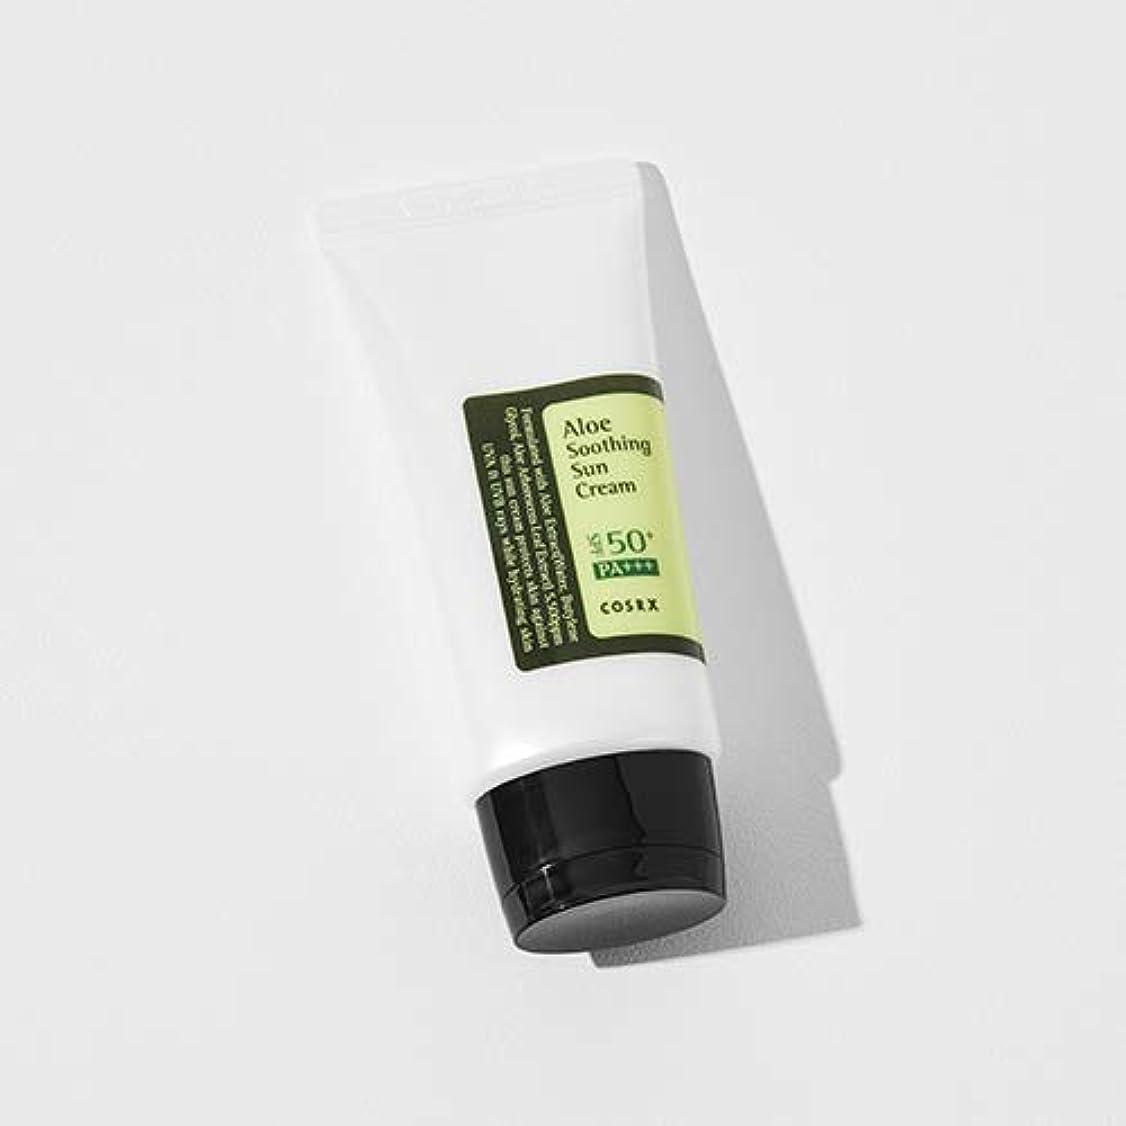 除外する粒子タール[COSRX] Aloe Soothing Sun Cream 50ml / [COSRX] アロエ スーディング サンクリーム 50ml [並行輸入品]